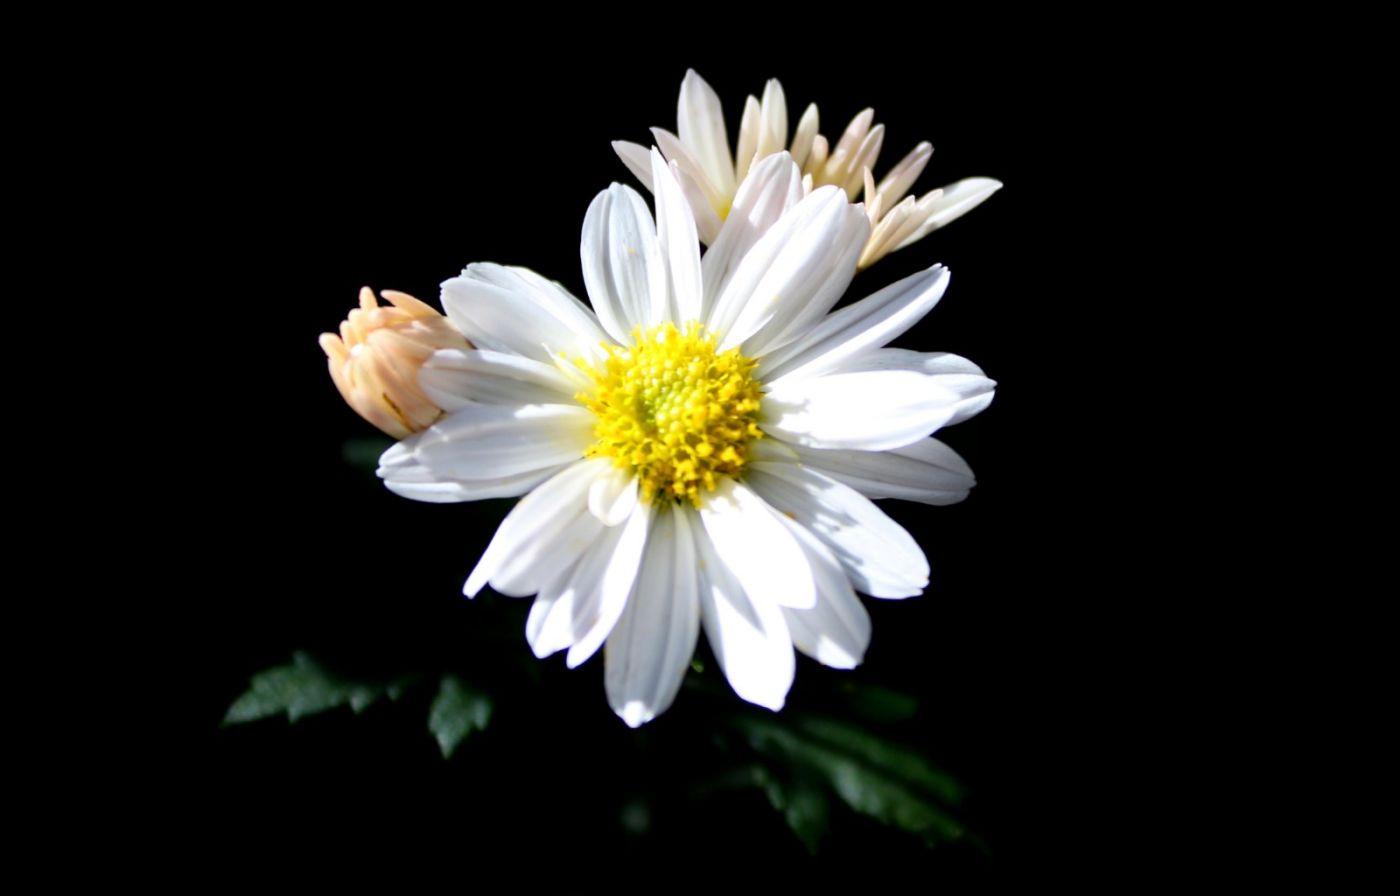 植物园日本菊花展_图1-12